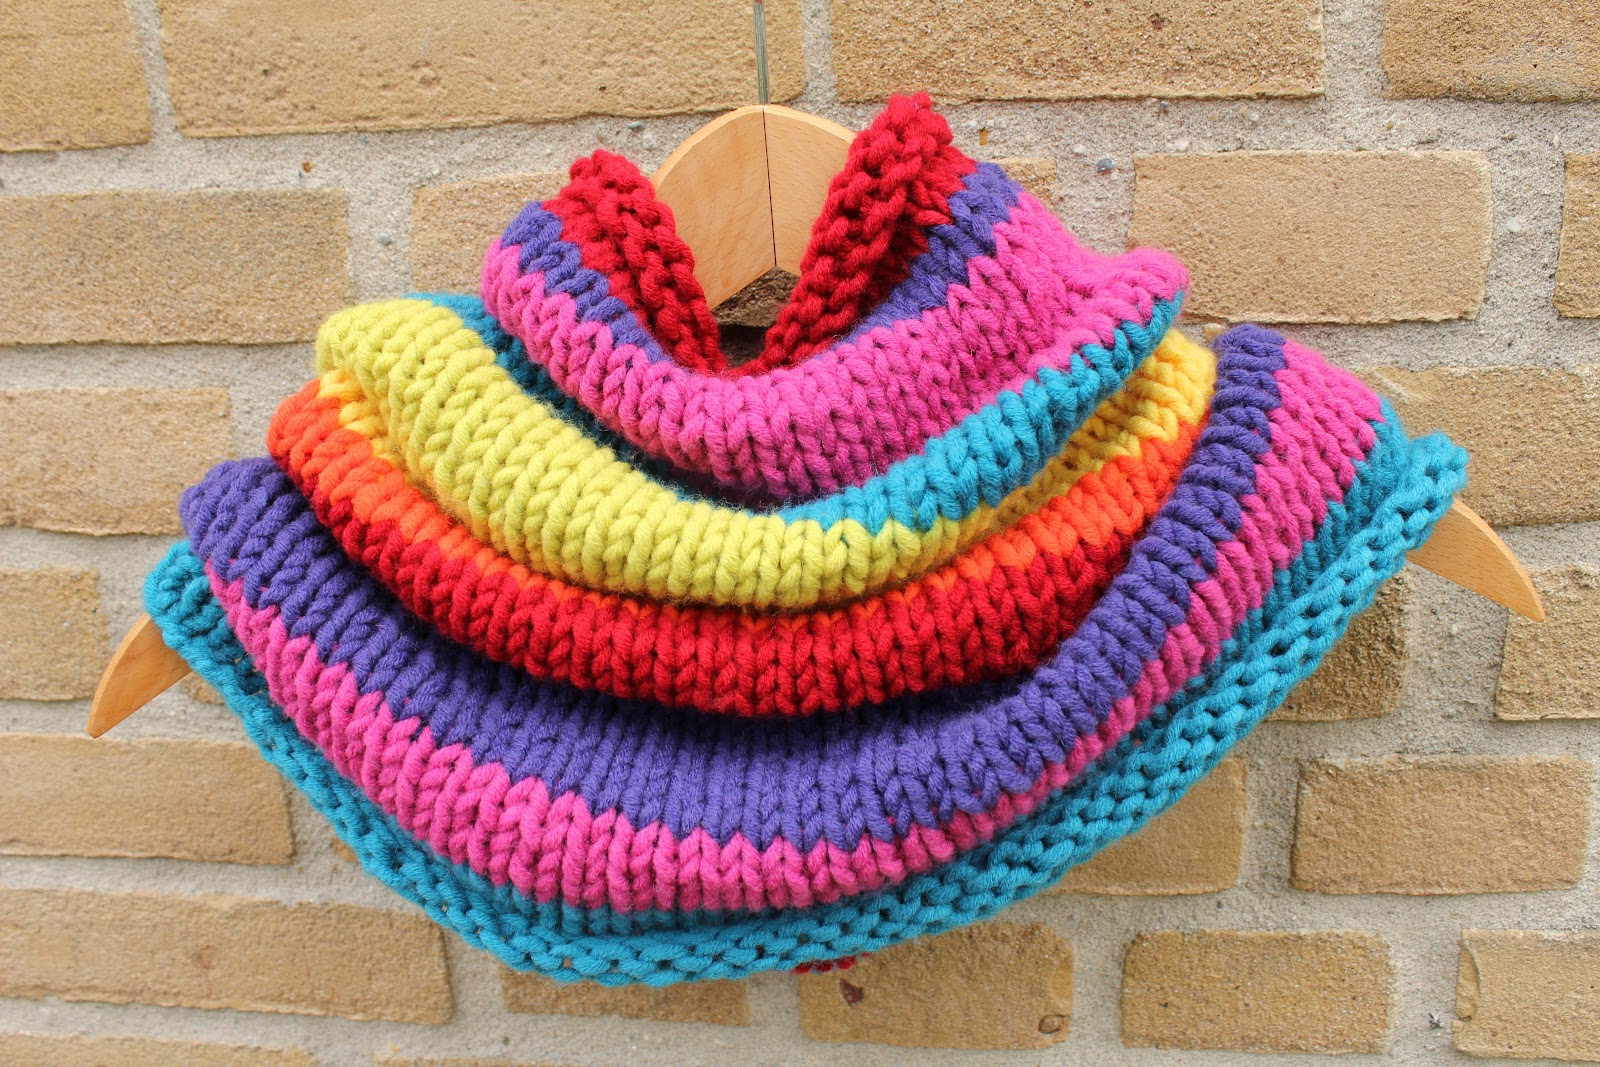 Hoeveel steken opzetten voor sjaal